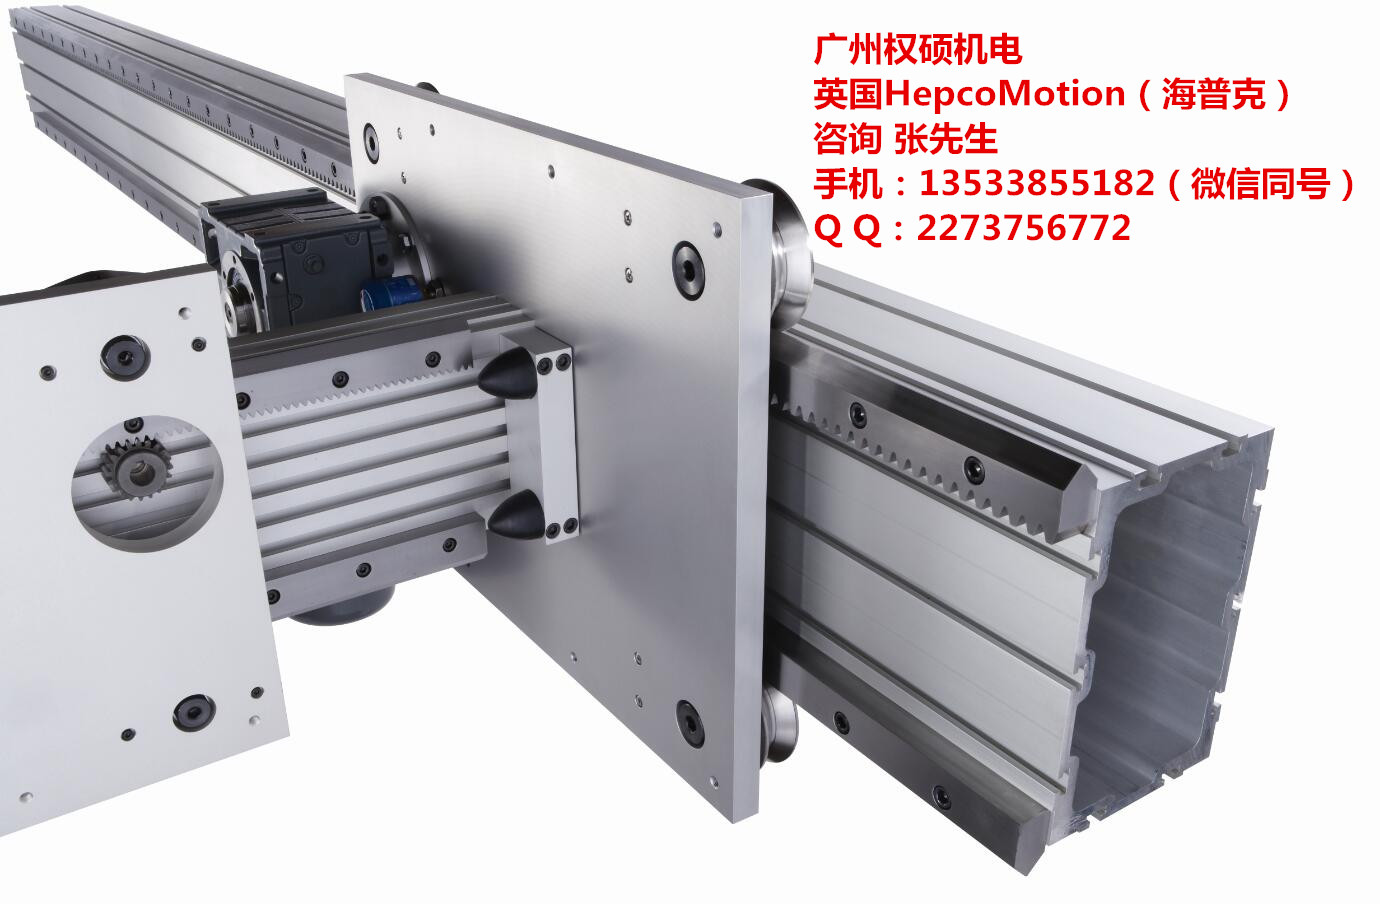 【直线导轨】报价_图片_品牌-广州市广润机电科技有限公司